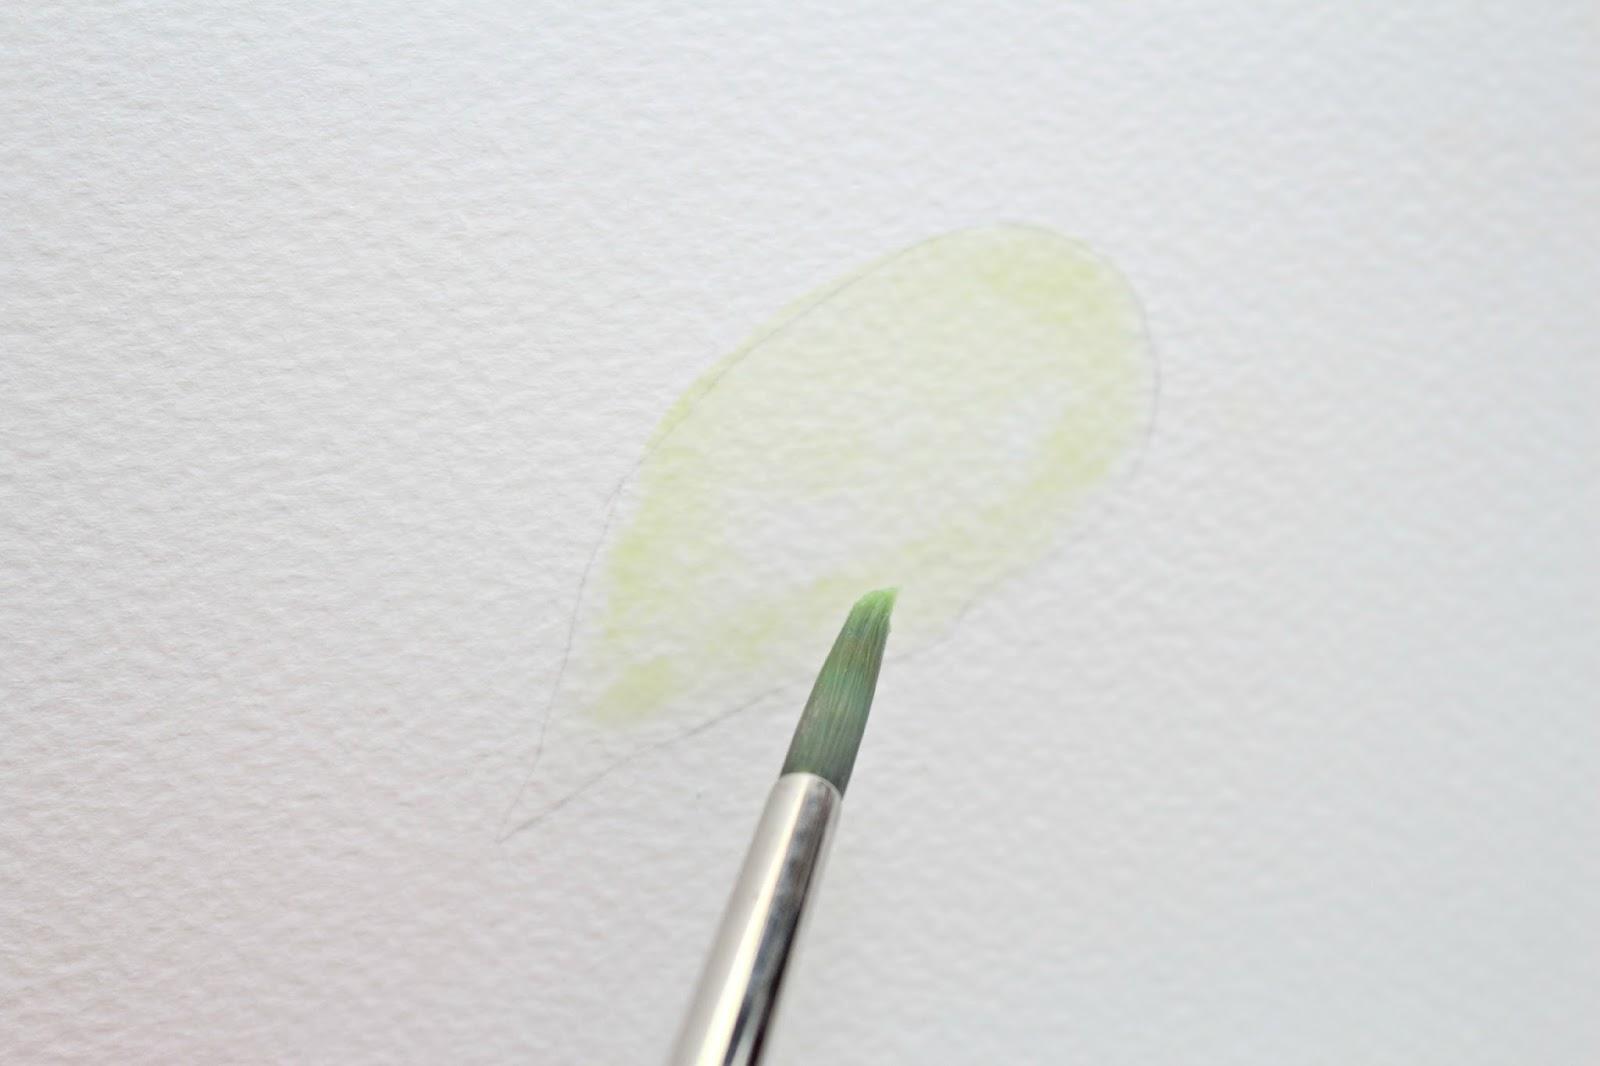 Нанесите на очерченный листик наиболее светлый тон зеленого